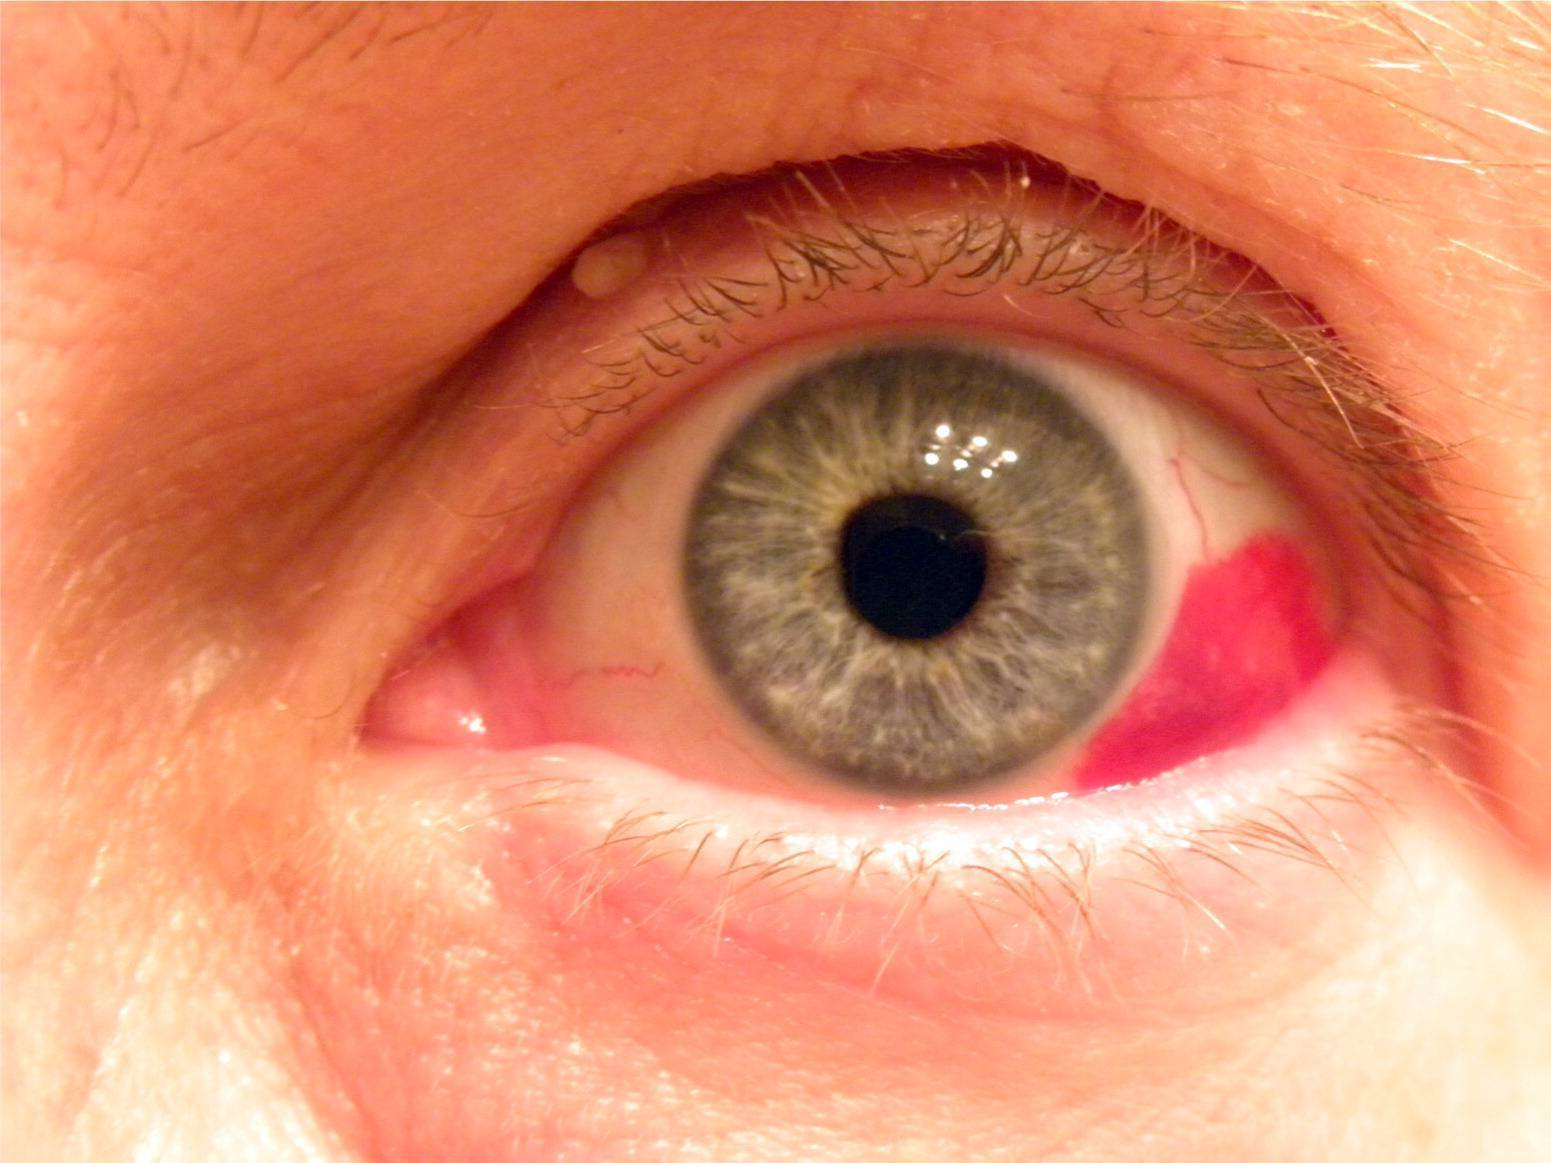 Что делать, если у ребенка лопнул сосуд в глазу, в чем причины повреждения капилляров?